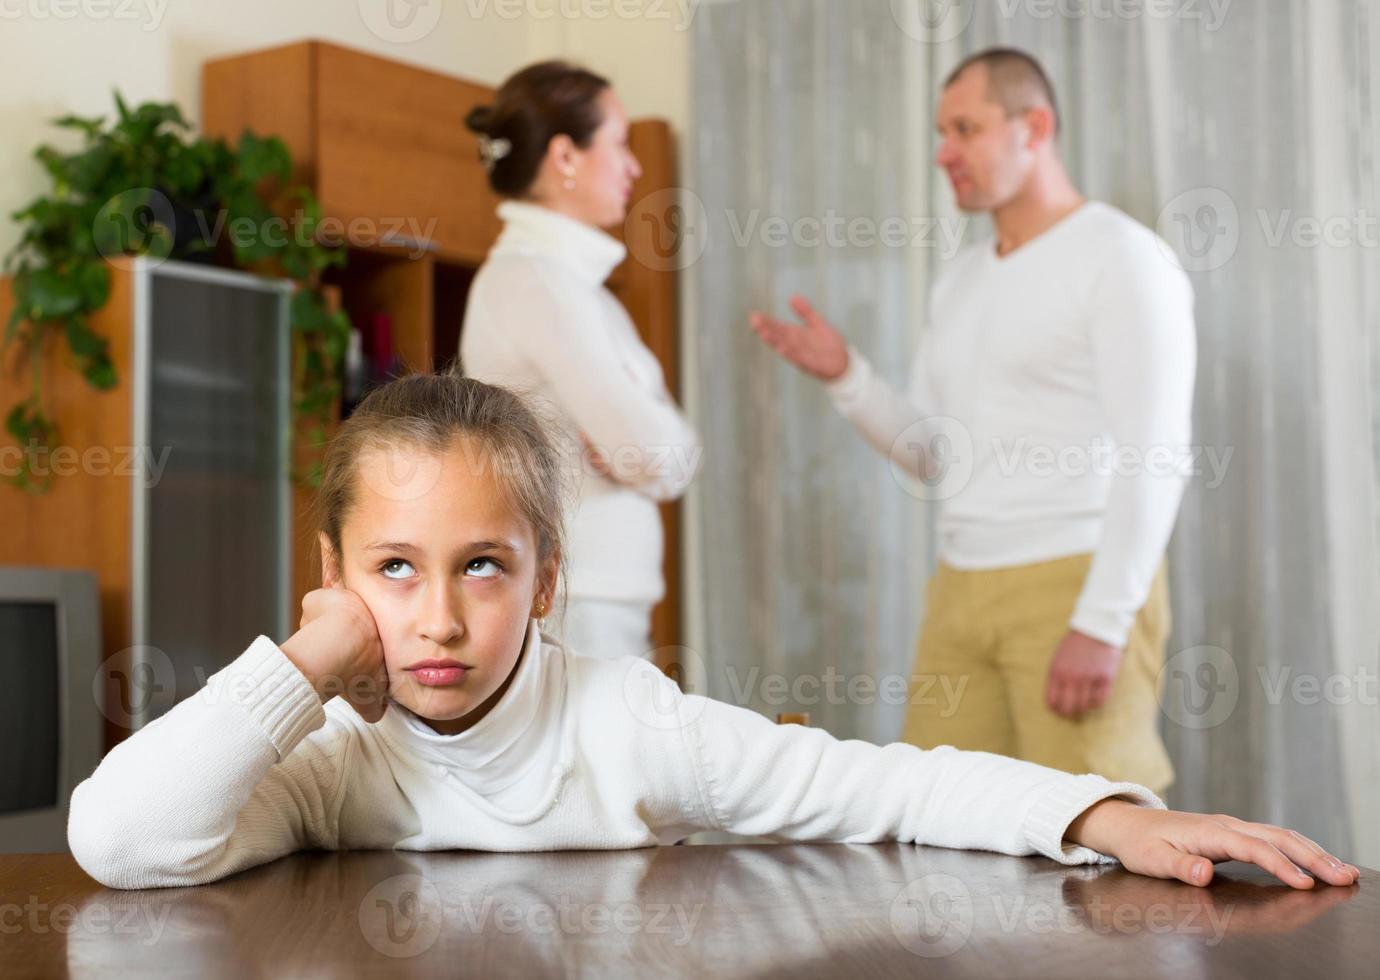 familia con hija teniendo conflicto foto